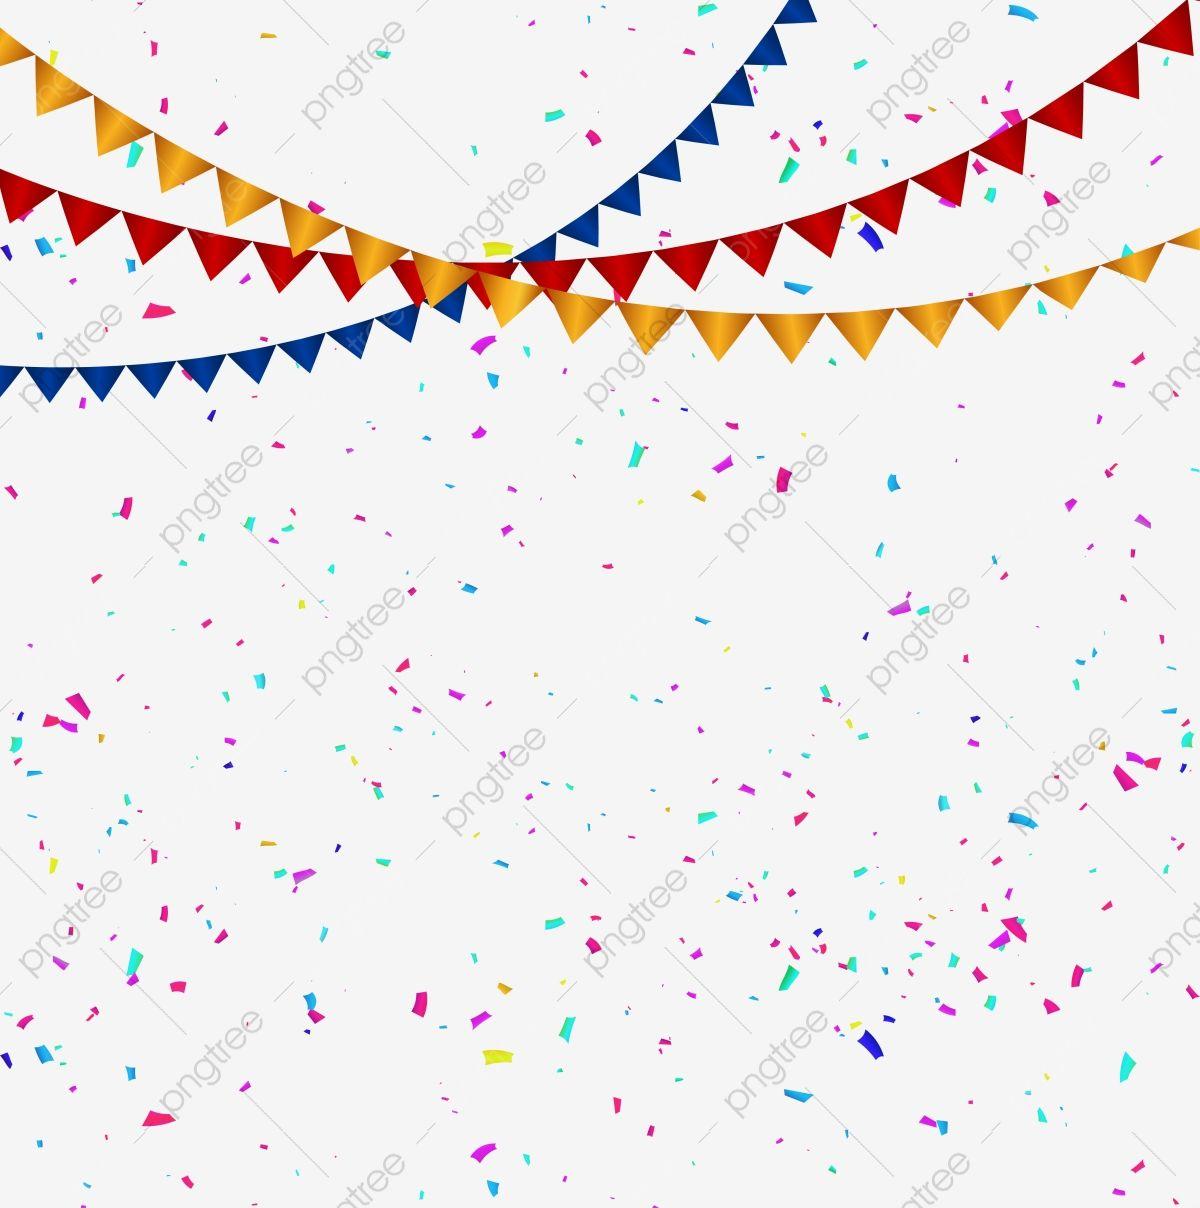 Confeti Colorida Celebracion Y Bandera De Colores De Fondo Transparente Celebracion Fiesta Papel Picado Png Y Vector Para Descargar Gratis Pngtree Colorful Backgrounds Birthday Background Party Background